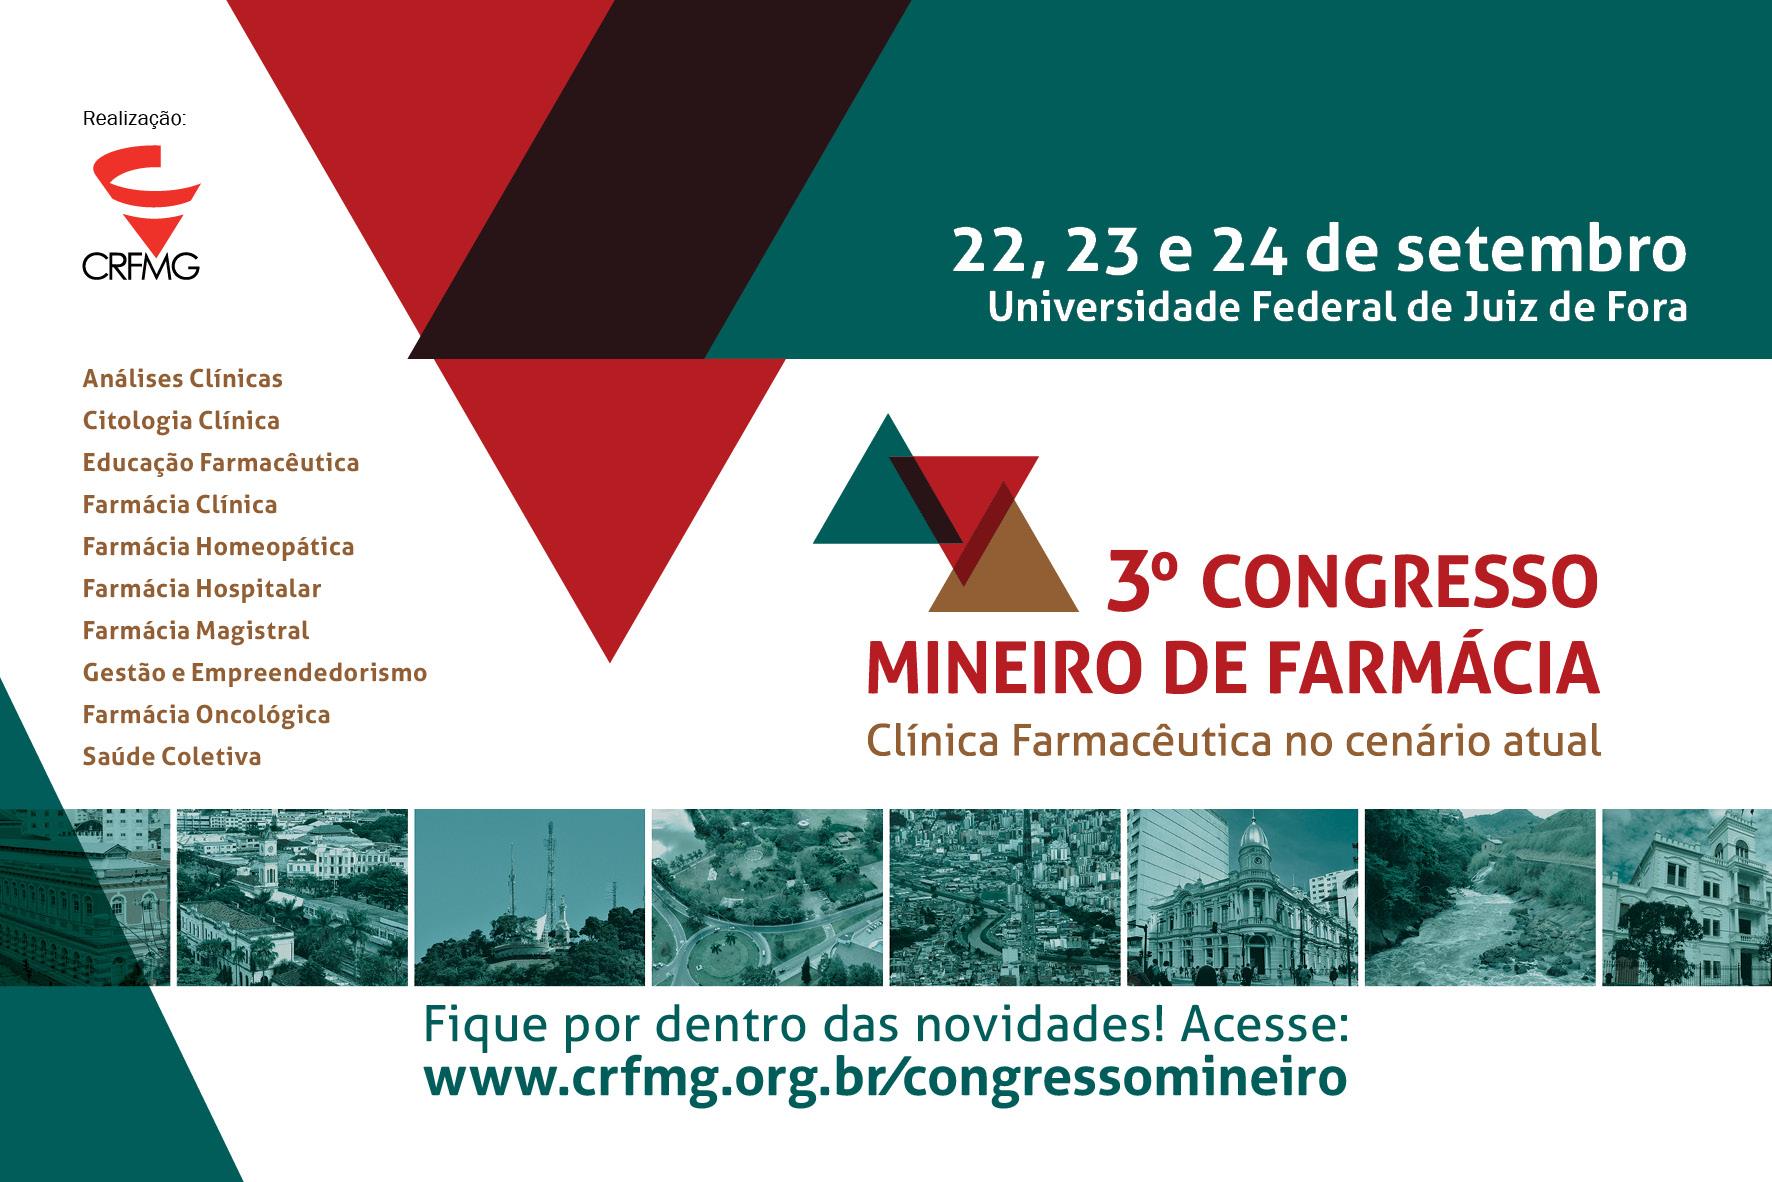 Congresso Regional de Farmácia de Minas Gerais acontece em setembro, em Juiz de Fora